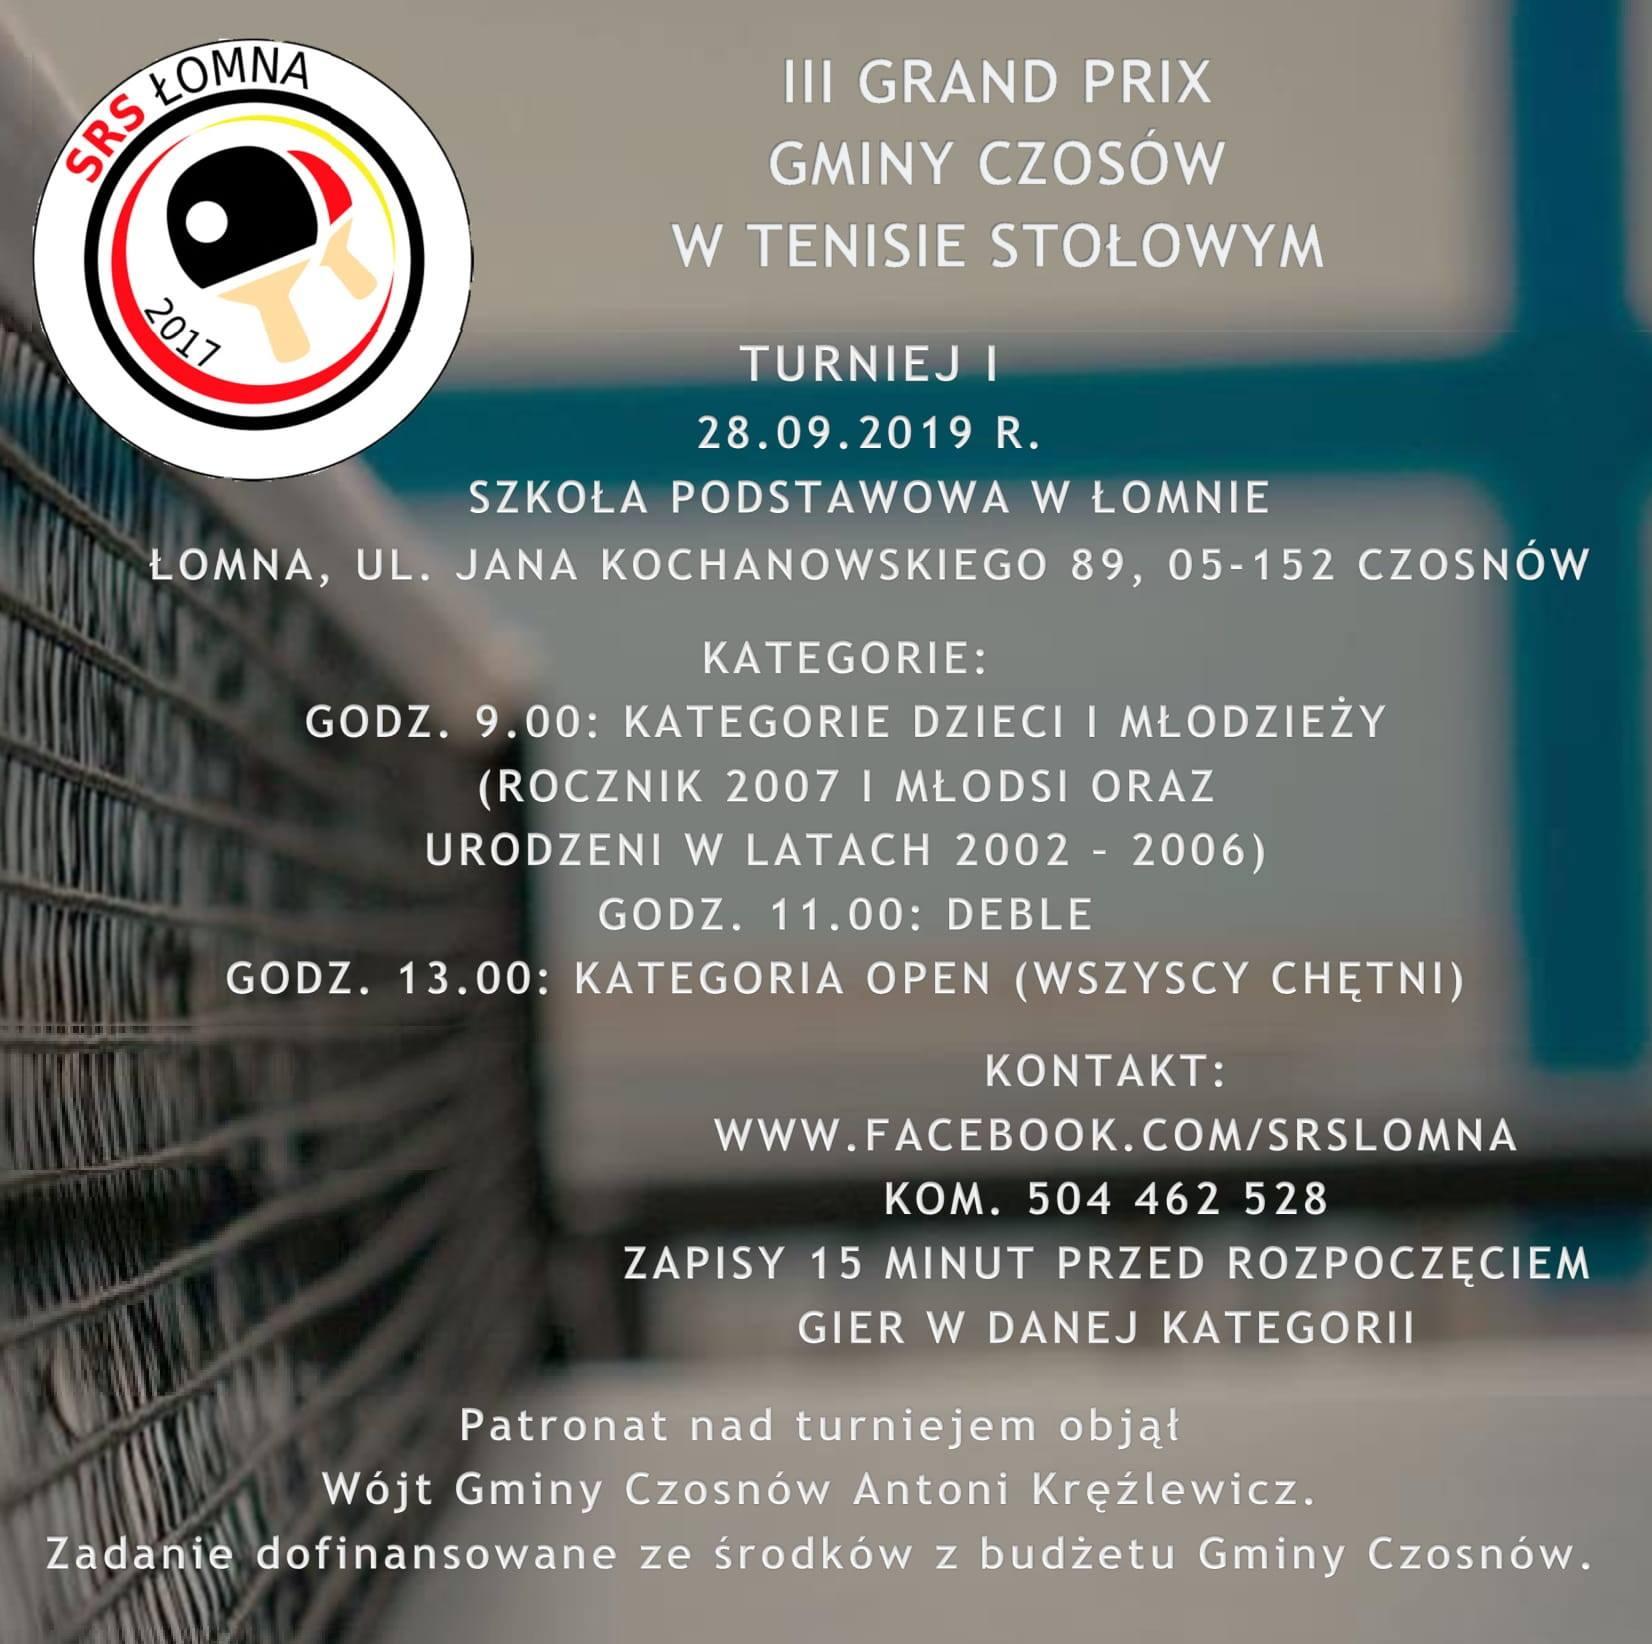 Plakat turnieju III Grand Prix Gminy Czosnów w Tenisie Stołowym - 6 Turniej